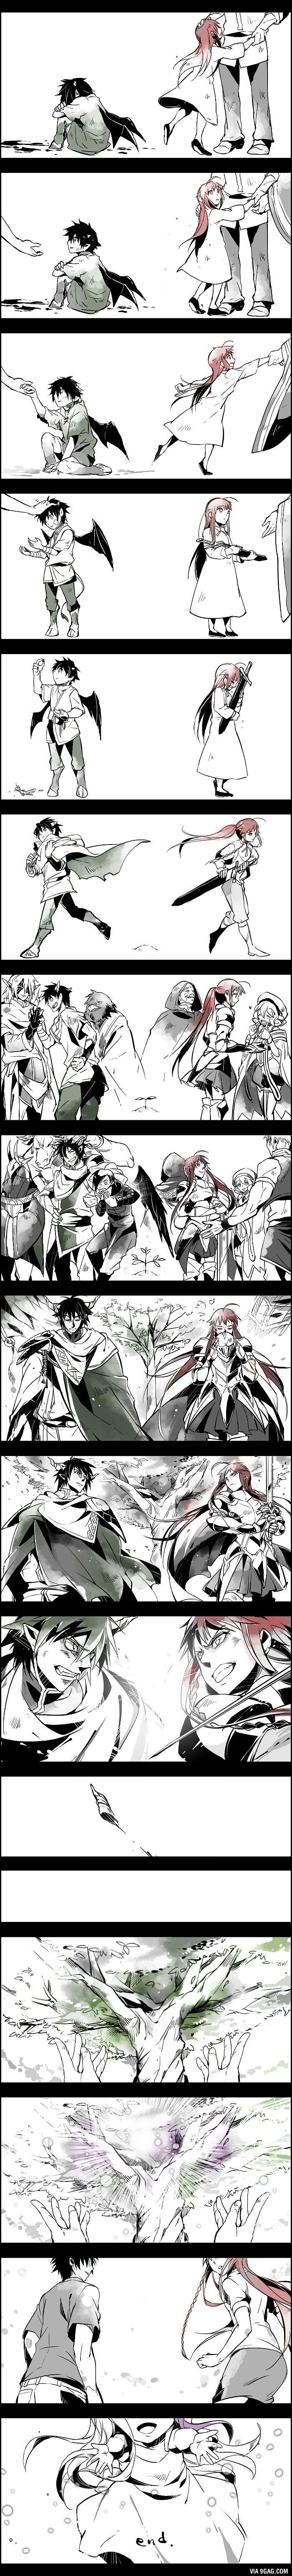 Hataraku Maou-sama! (はたらく魔王さま!) [Light Novel & Manga] - Page 49 - AnimeSuki Forum - note to self... Check this out later.